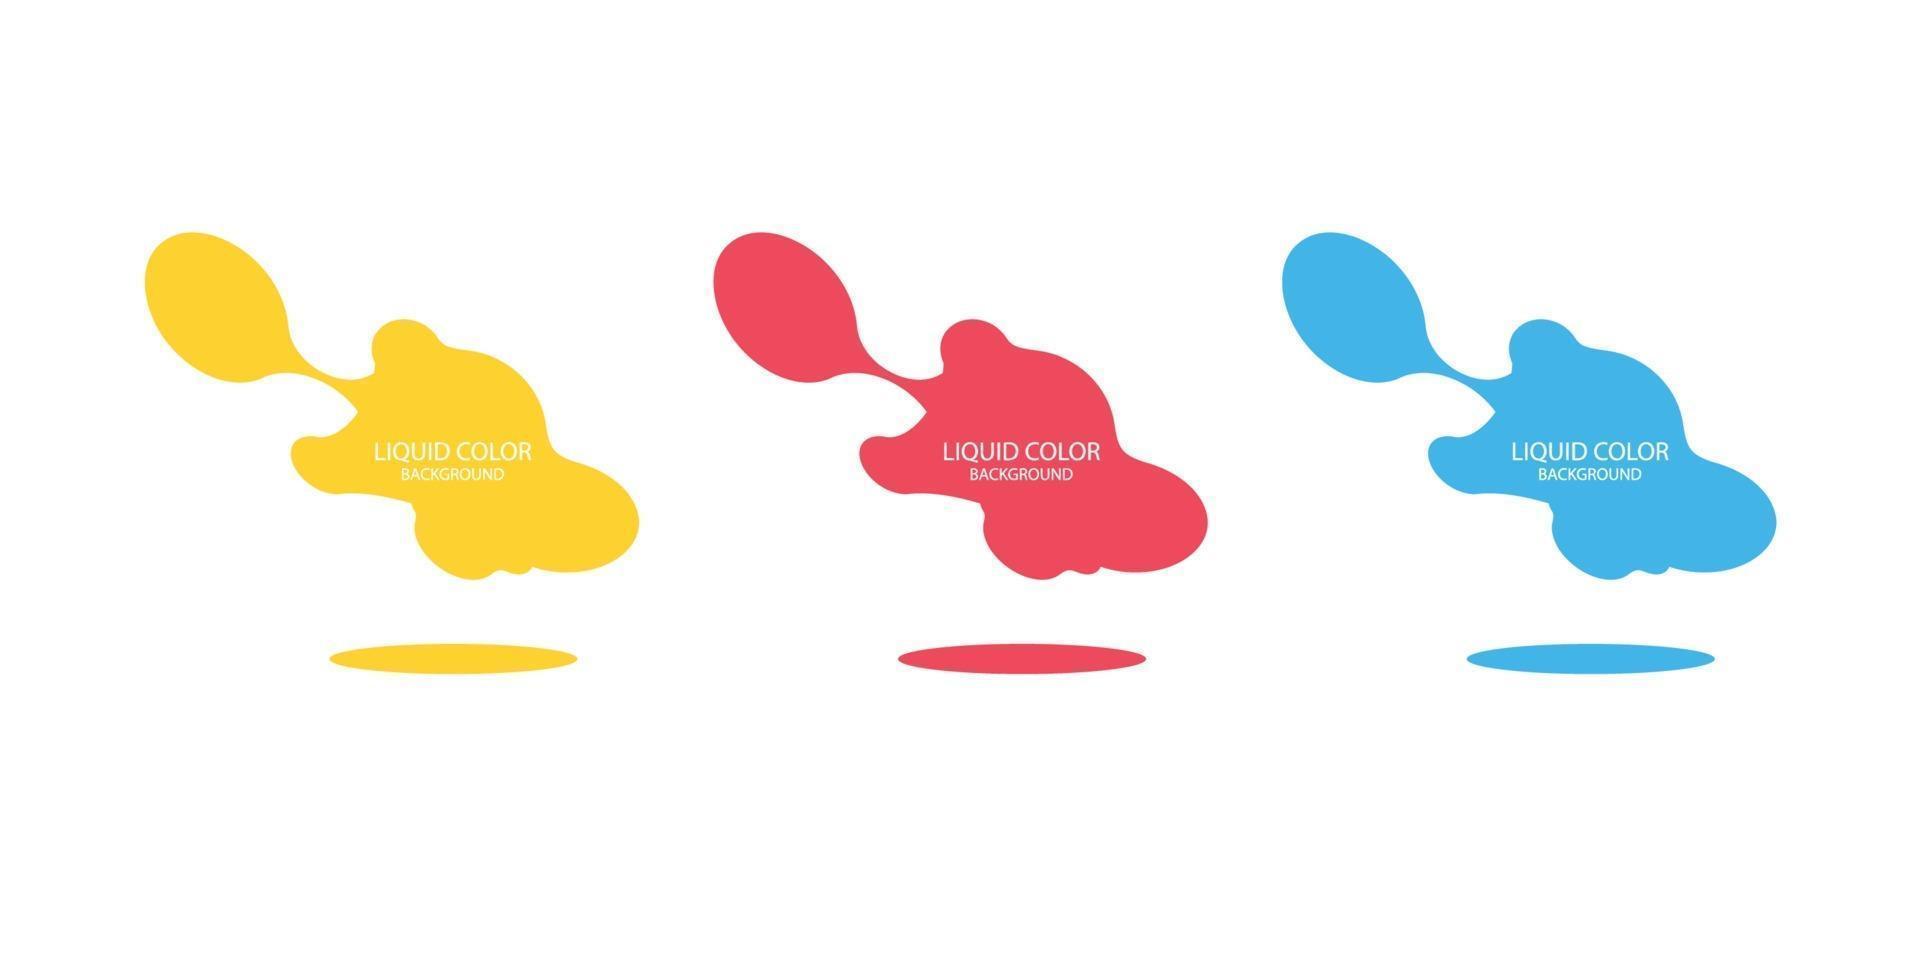 ensemble de bannière vectorielle abstraite moderne. forme liquide géométrique plate avec différentes couleurs. modèle vectoriel moderne, modèle pour la conception d'un logo, d'un dépliant ou d'une présentation. formes géométriques abstraites